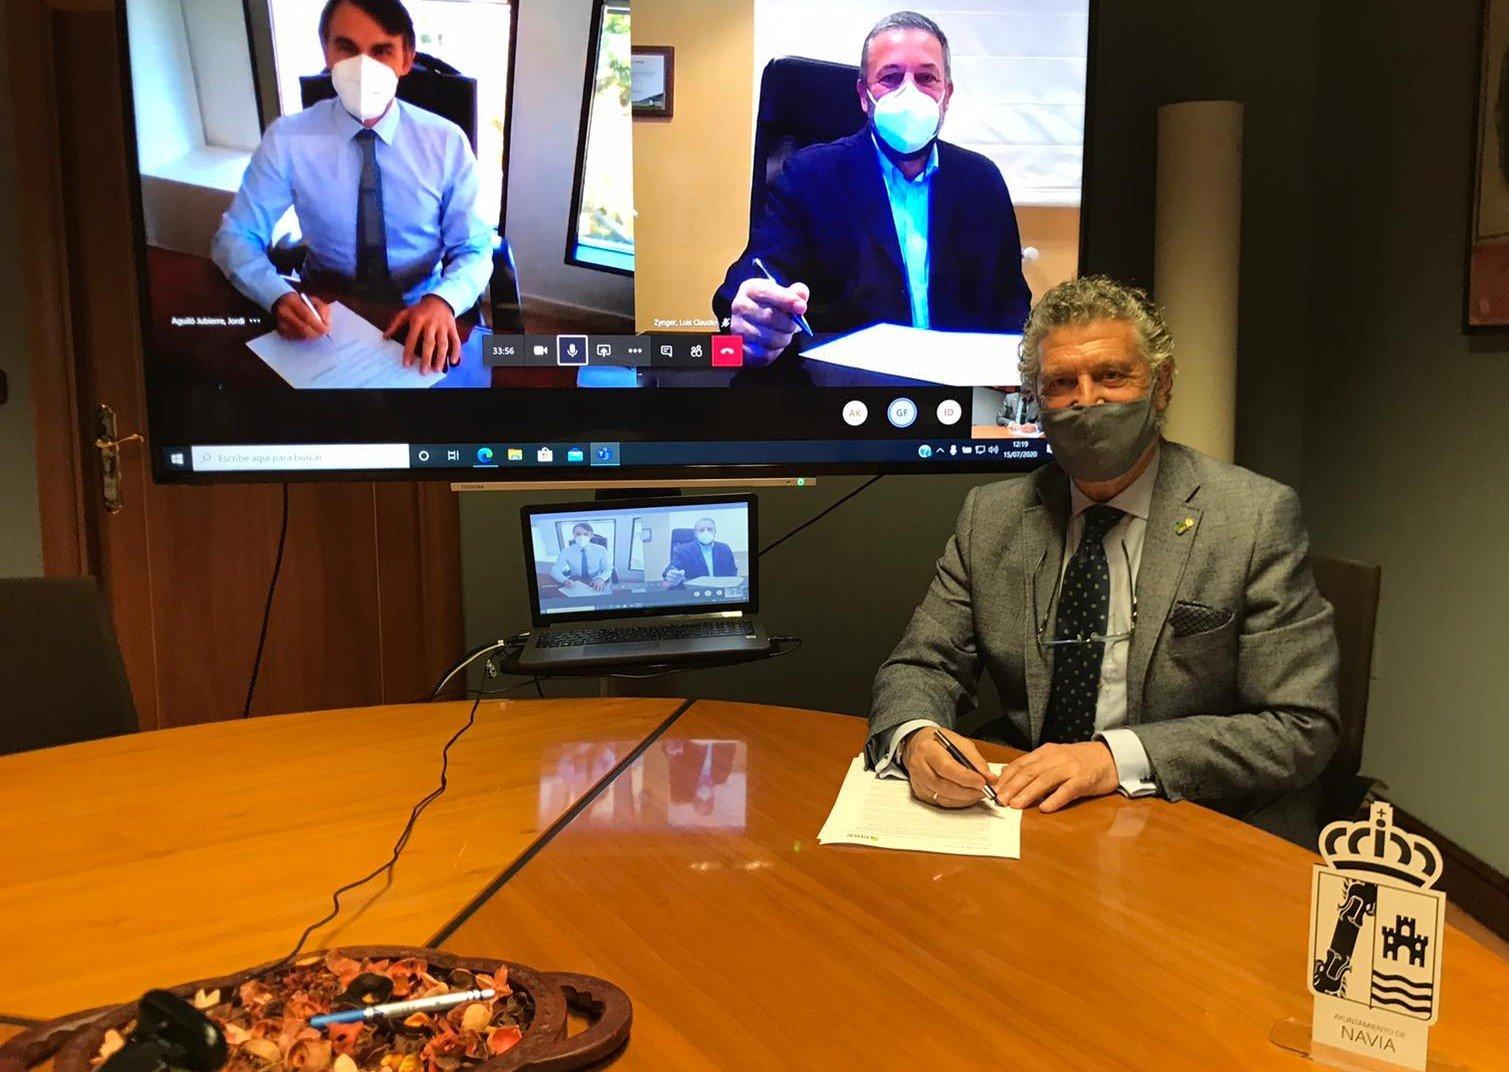 Ence y el Ayuntamiento de Navia renuevan su Convenio de Colaboración